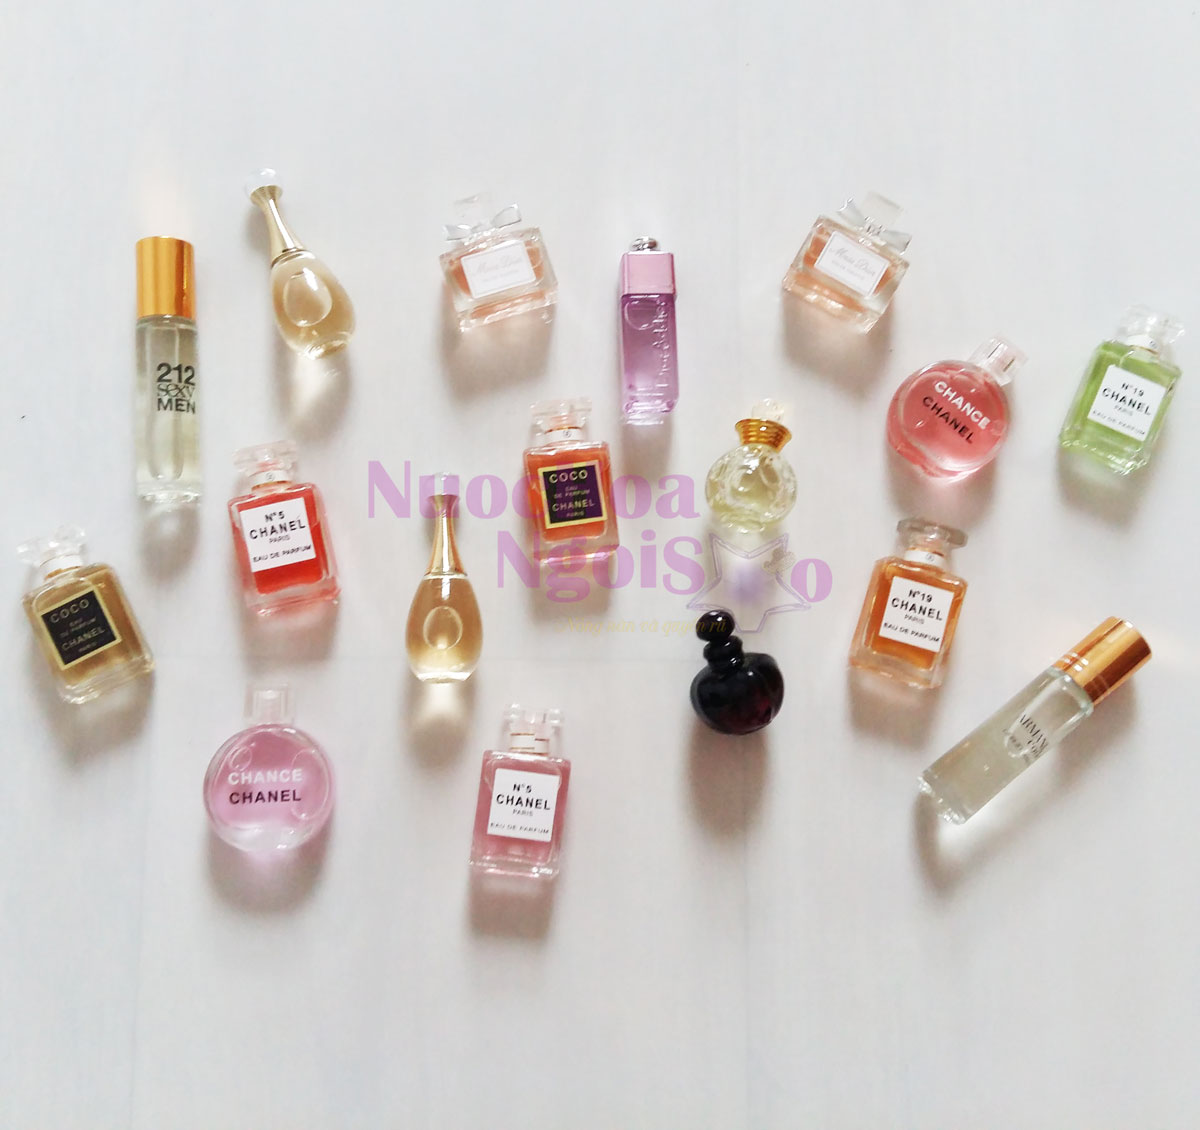 Nước hoa mini nam nữ - Shop nước hoa Ngôi sao